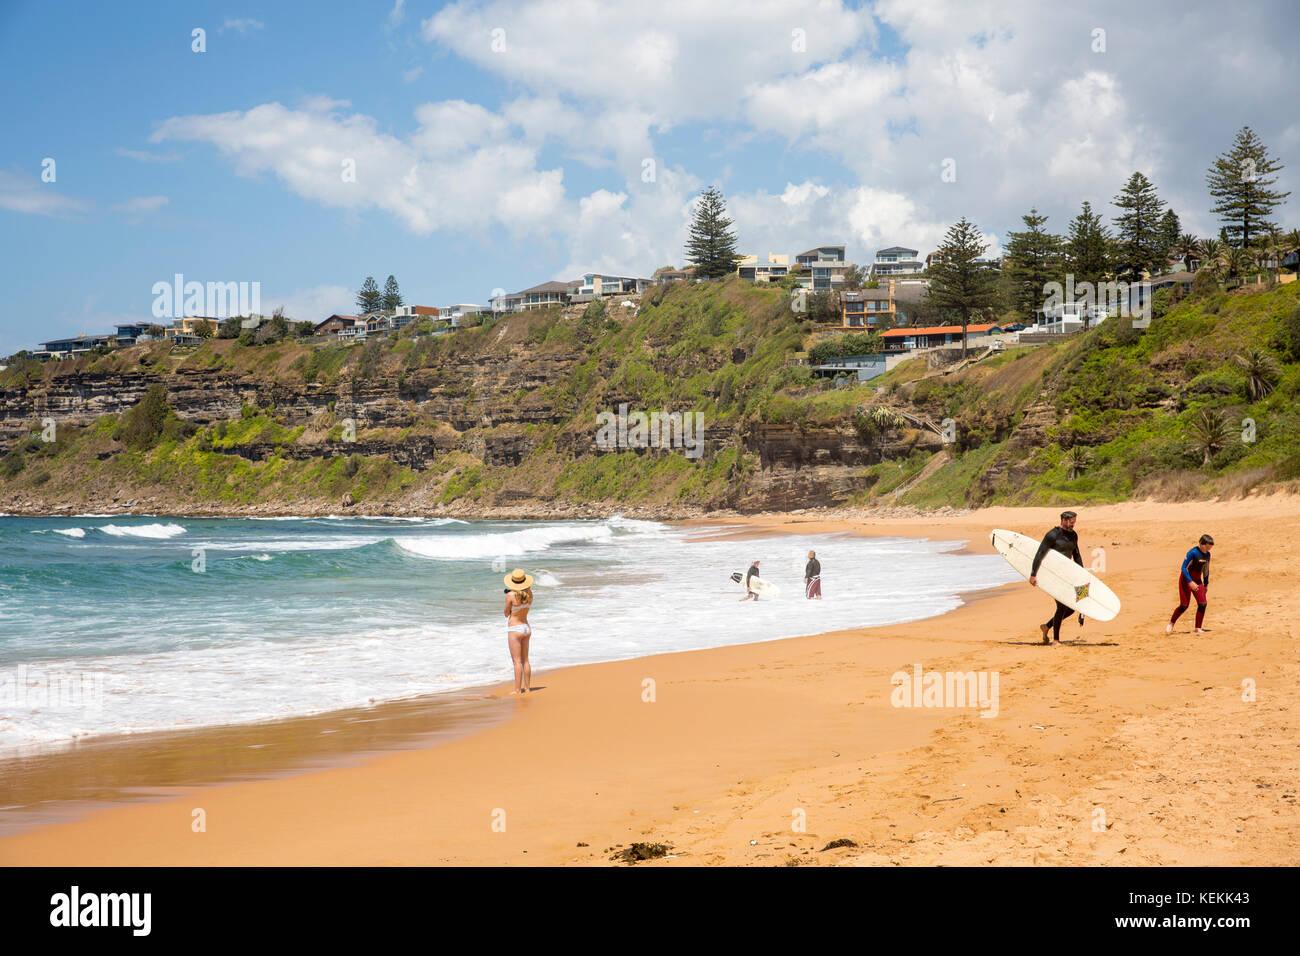 Surferos Bungan beach, popular playa de surf en las playas del norte de Sydney, New South Wales, Australia Foto de stock